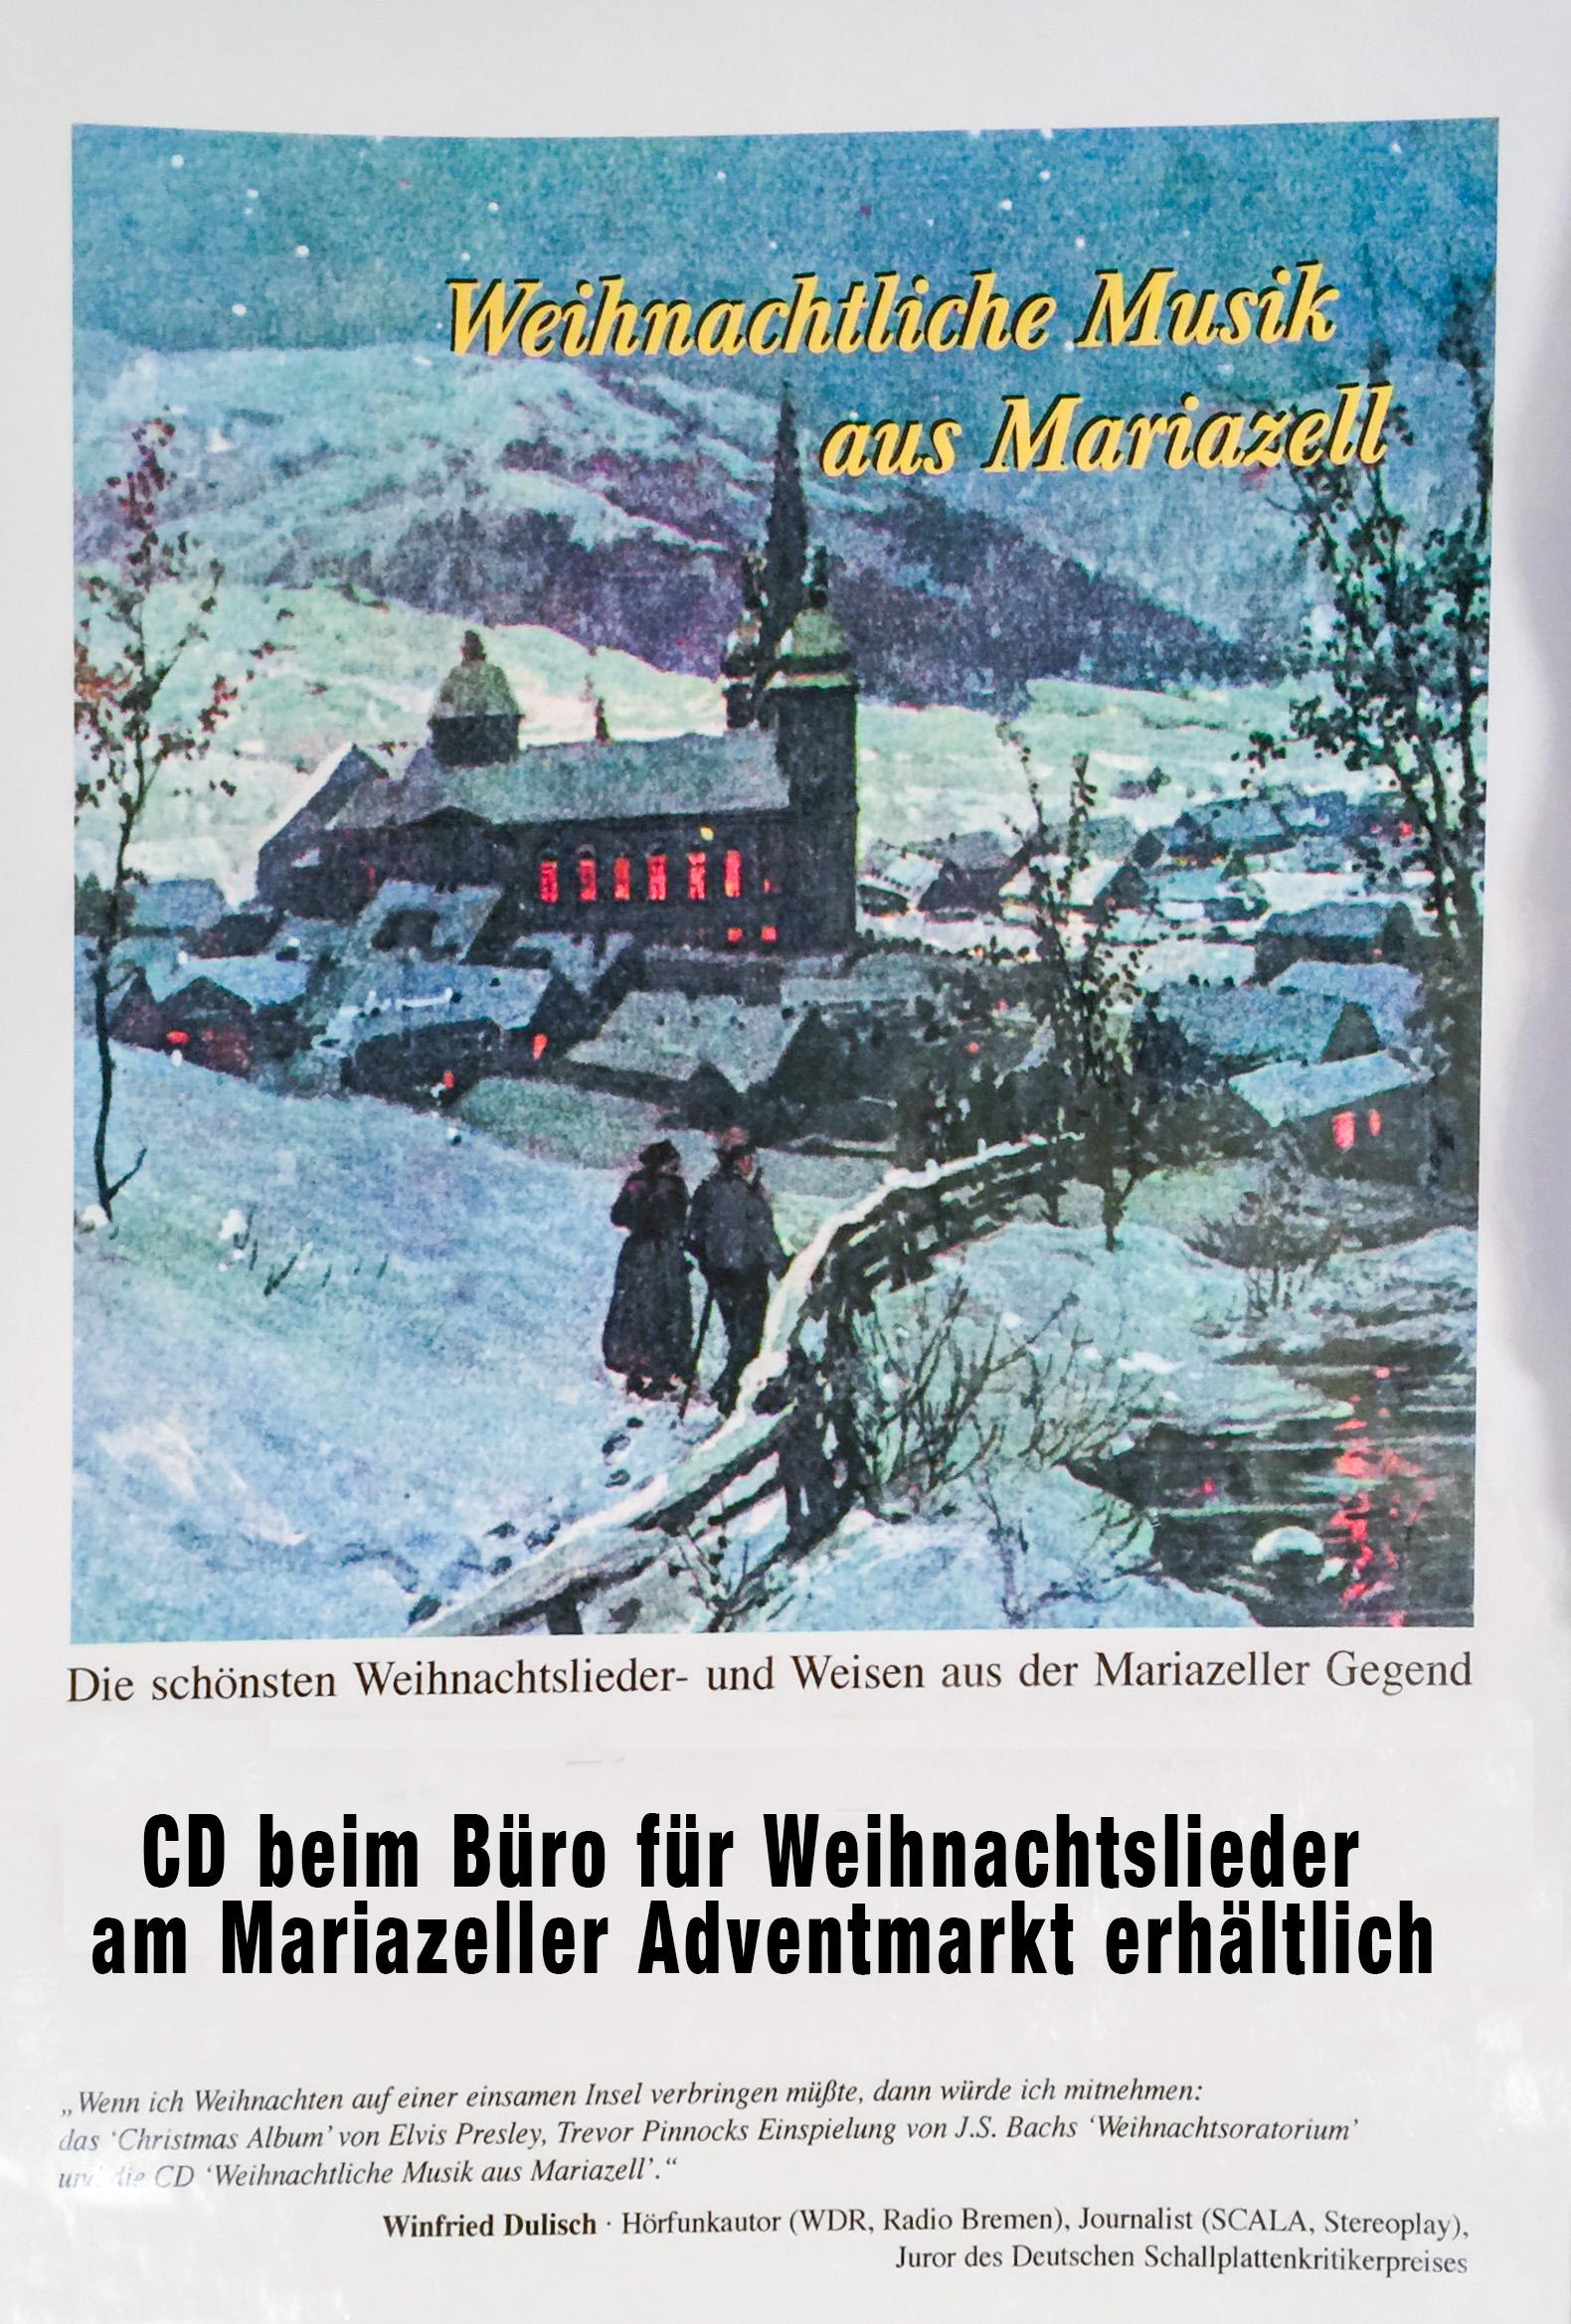 Weihnachtslieder Mariazell_2076